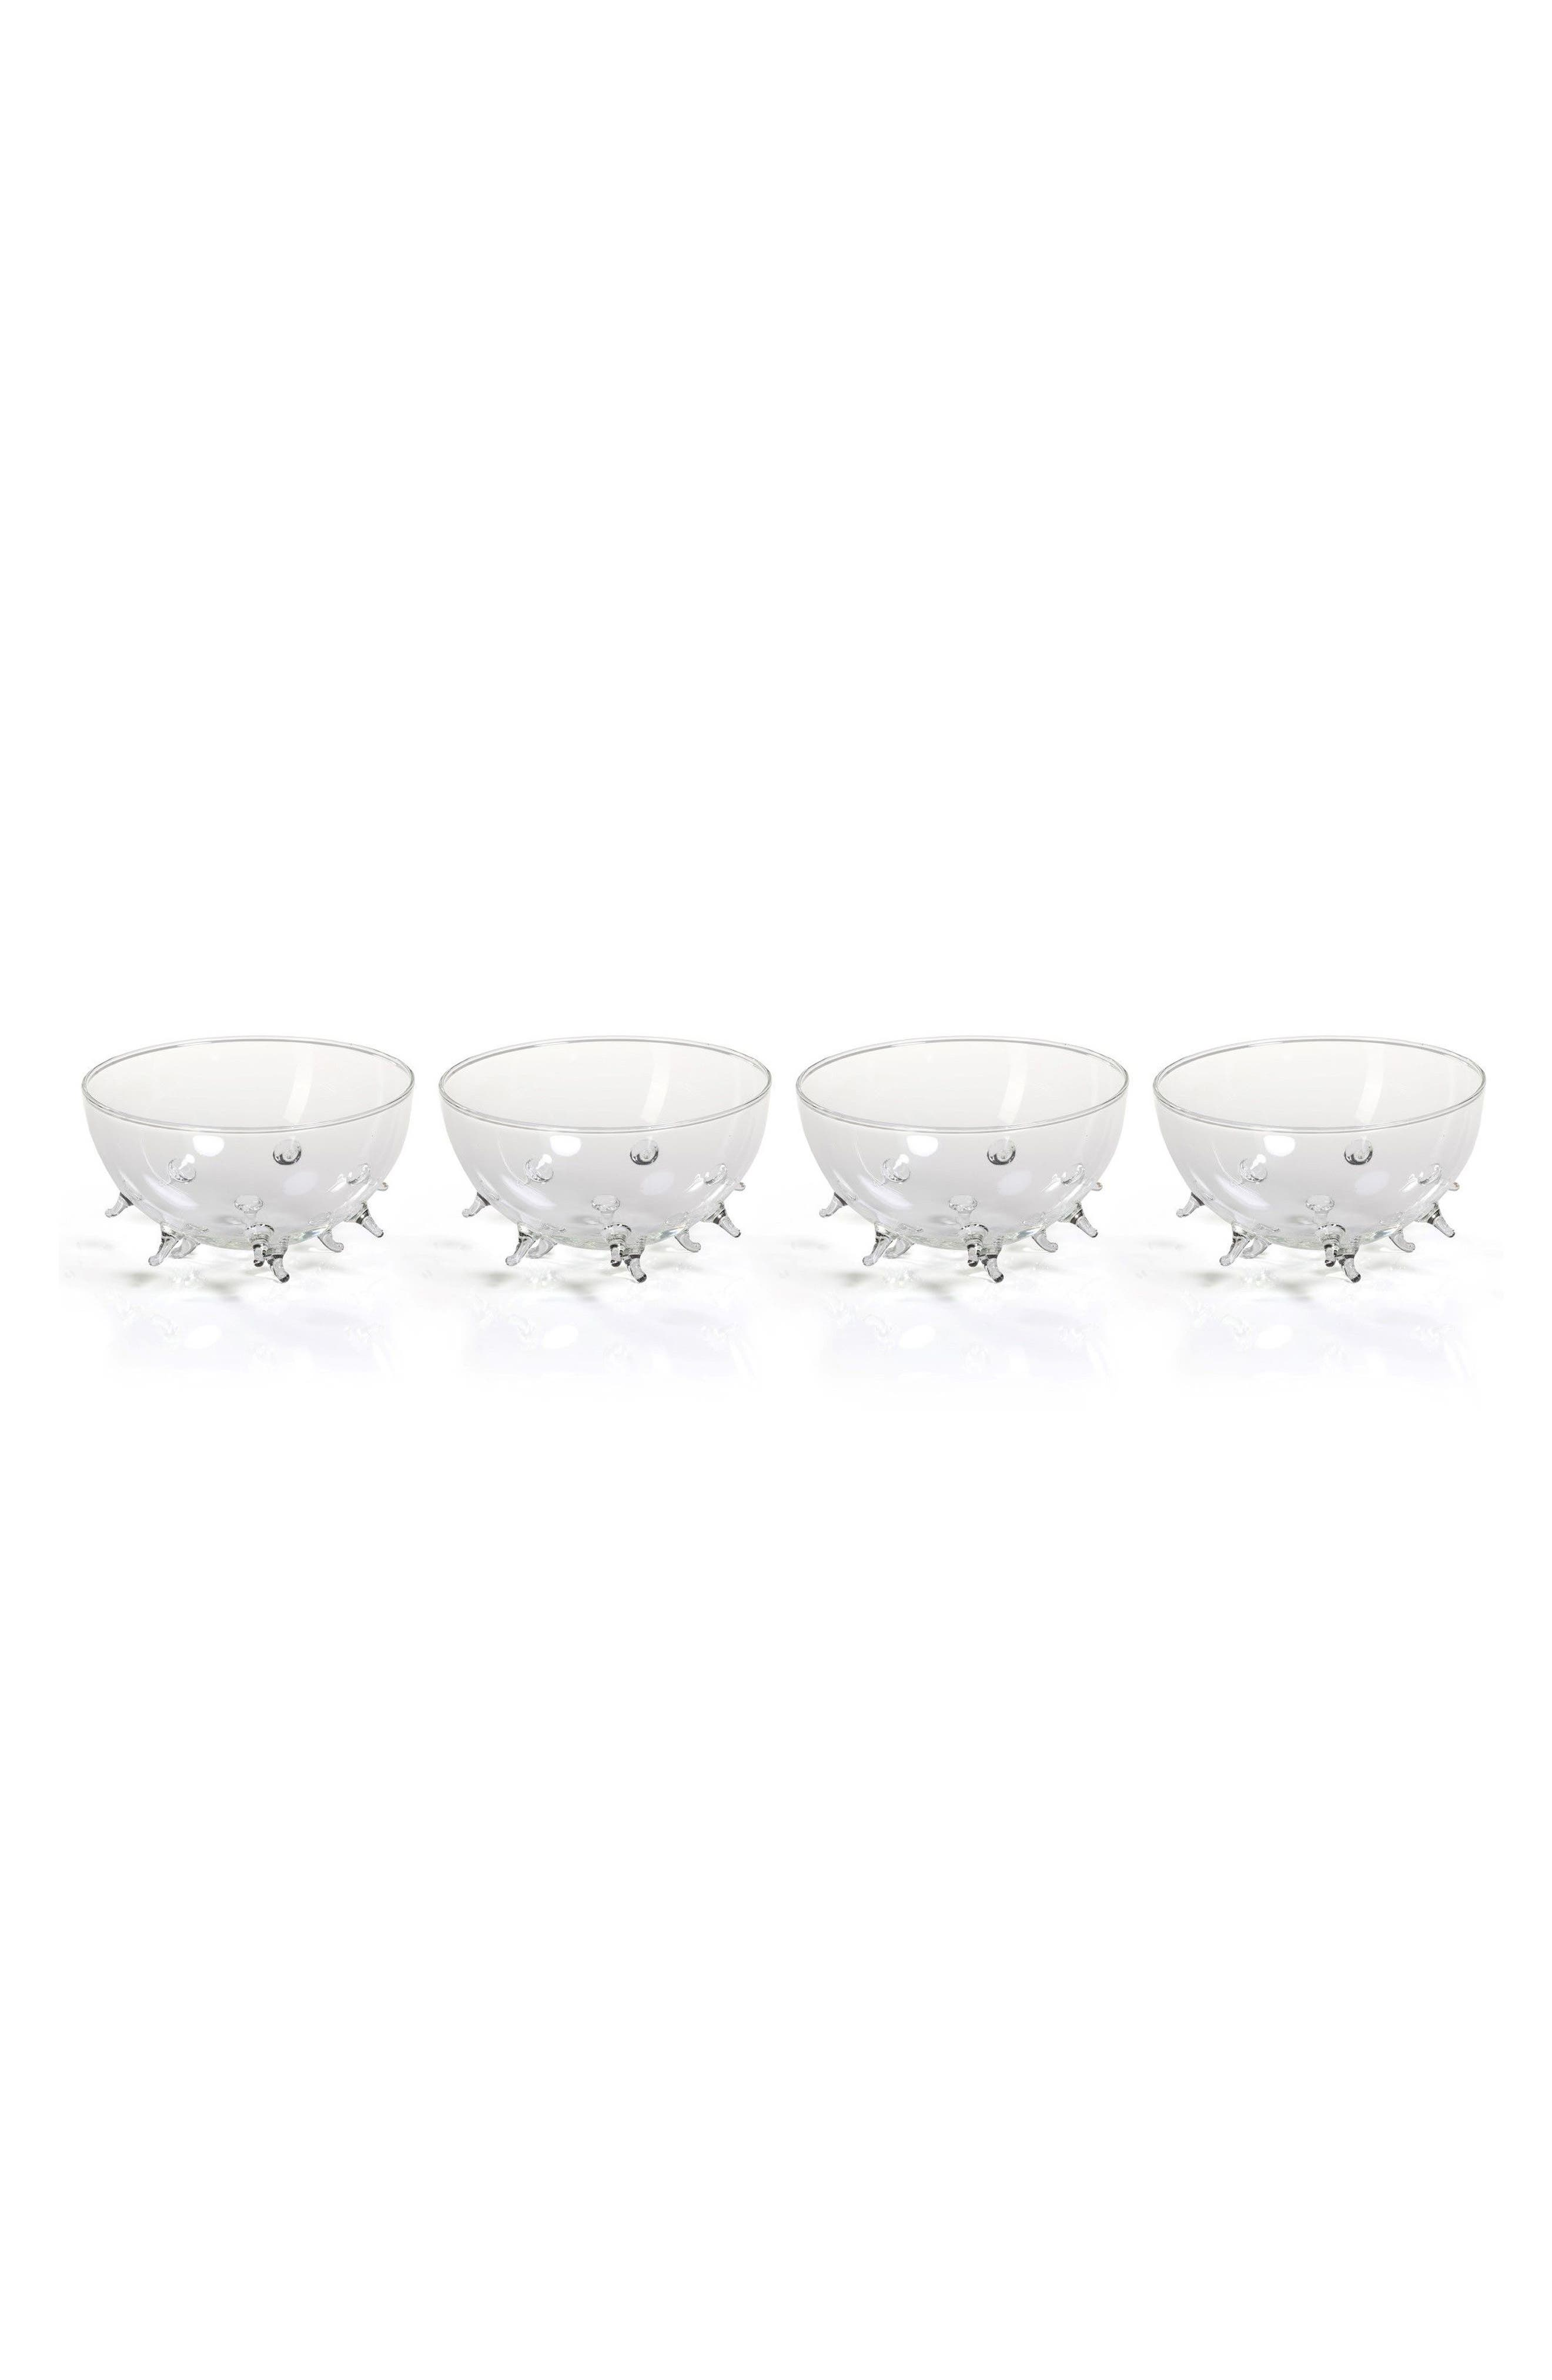 Suri Set of 4 Bowls,                             Main thumbnail 1, color,                             100